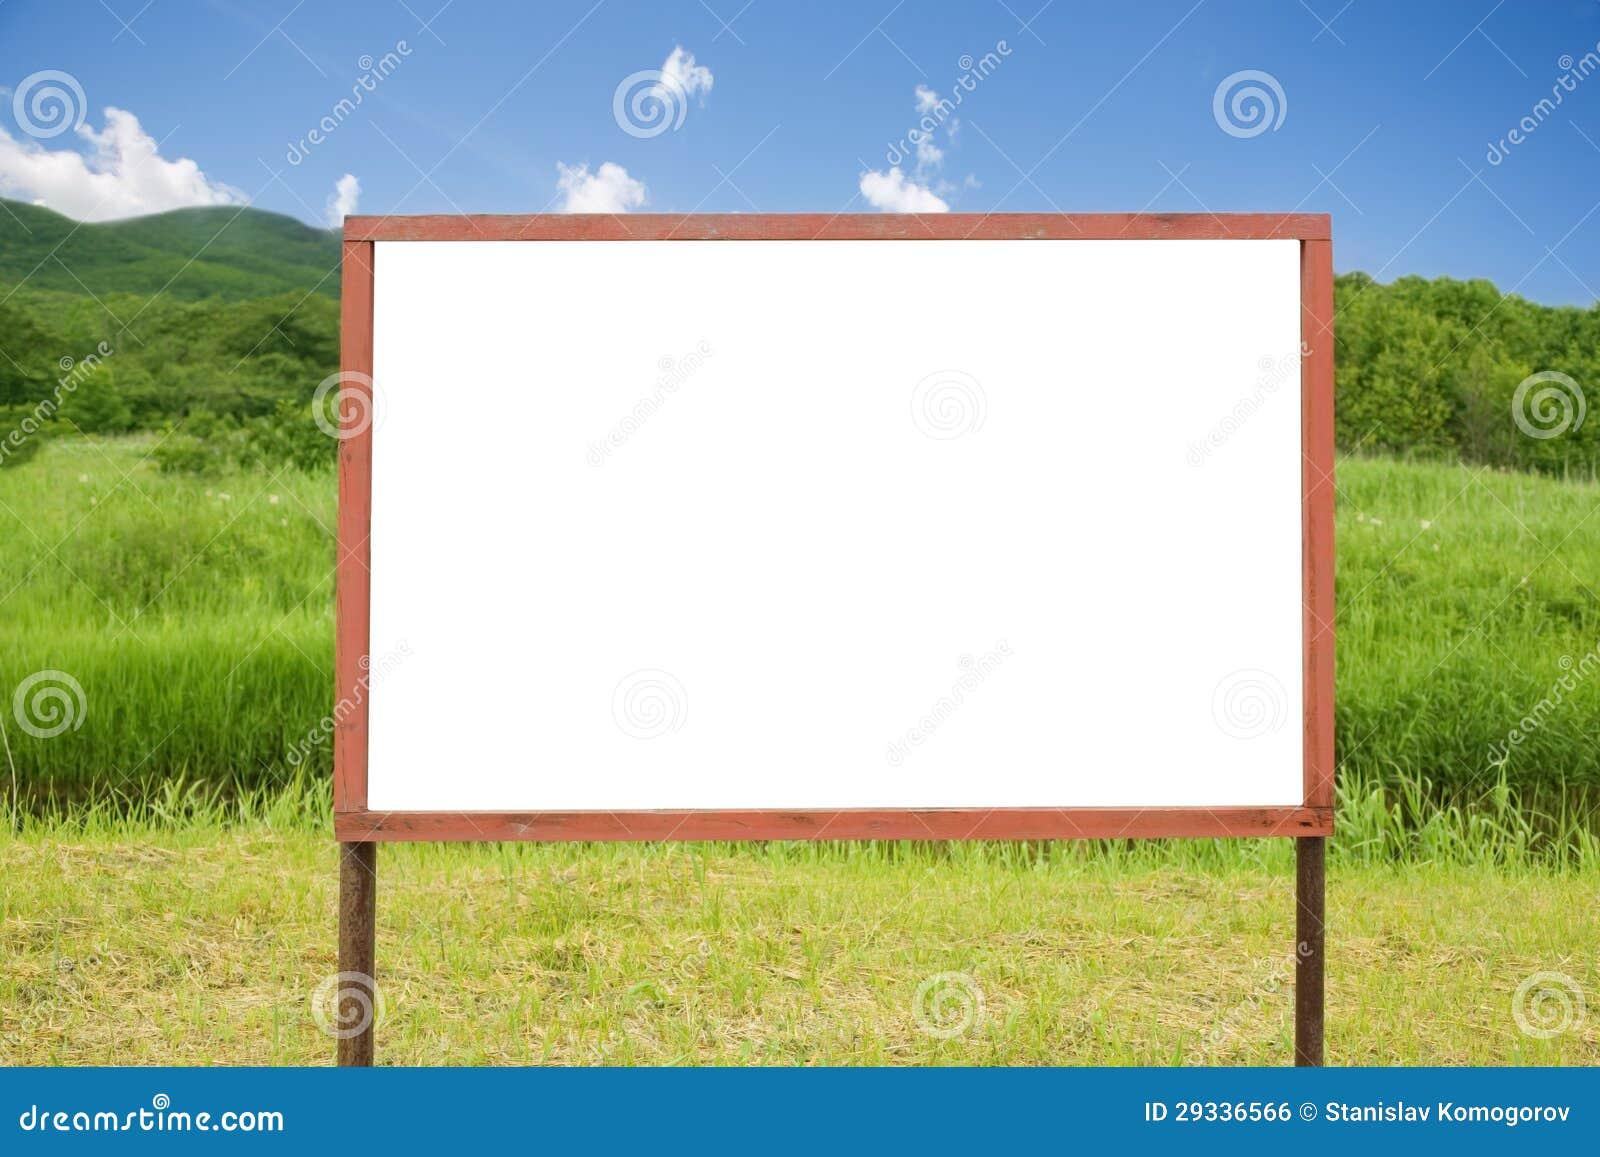 空白广告牌在森林.图片